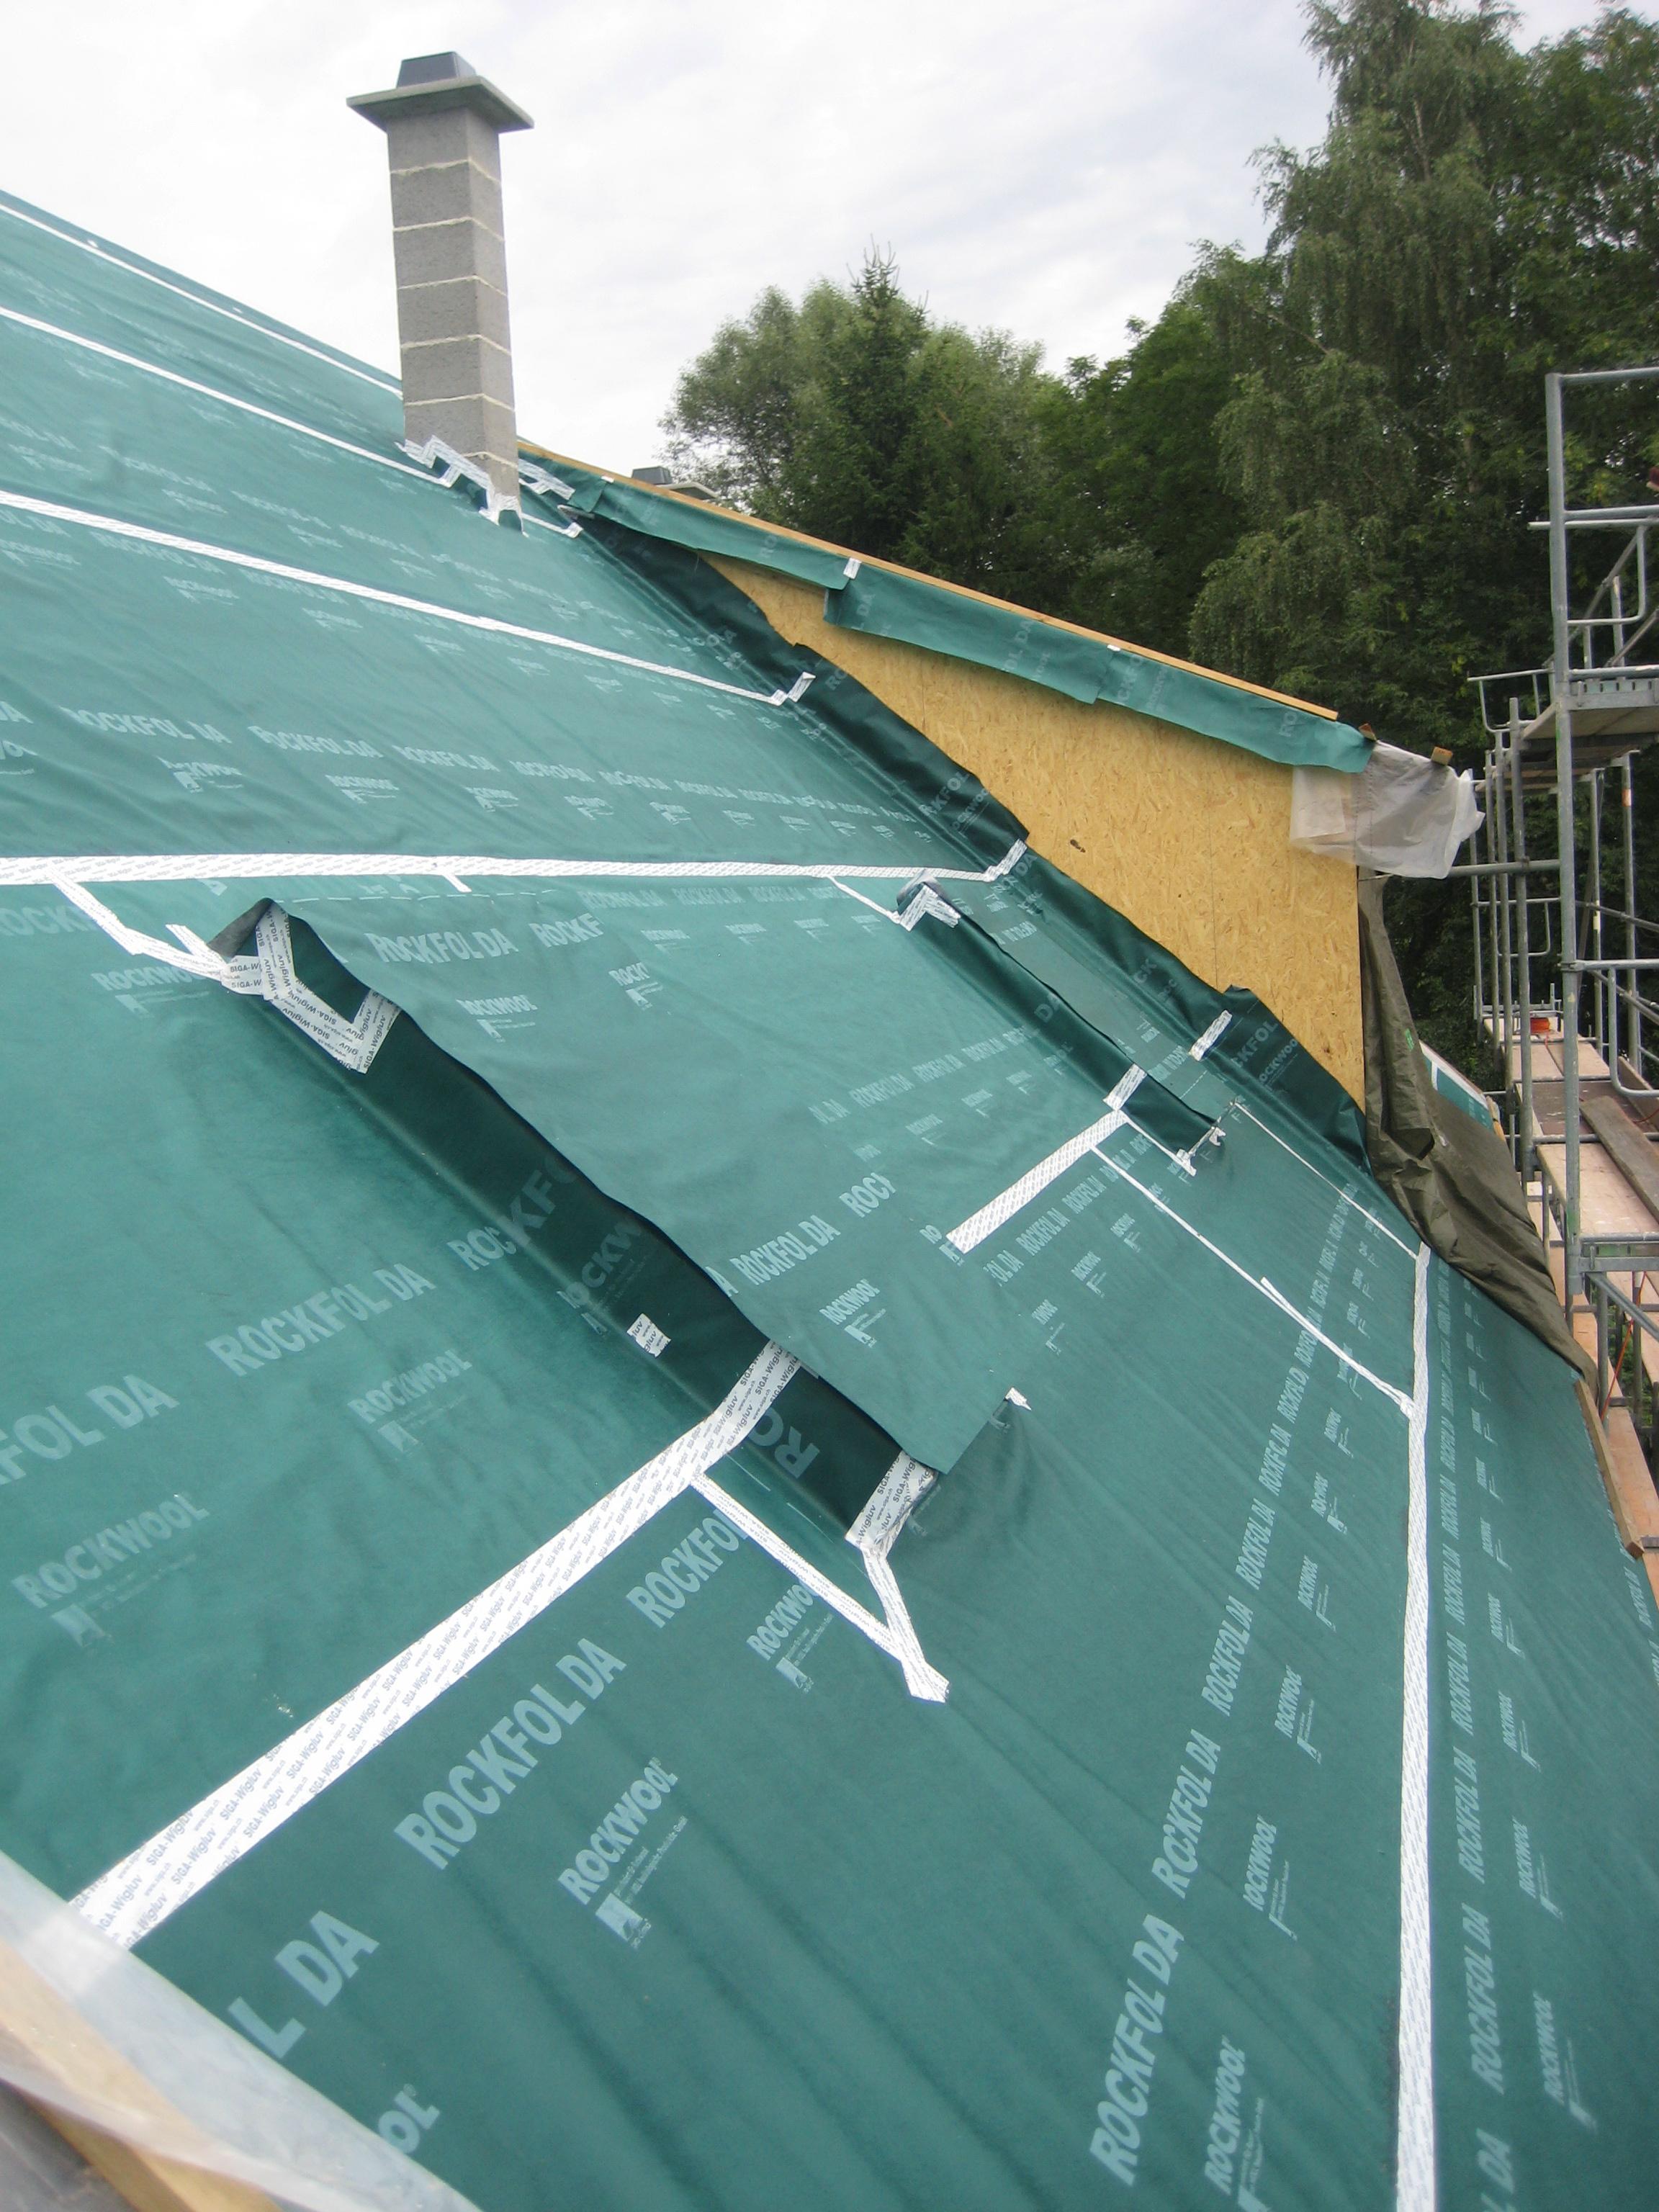 wenn 39 s ums dach geht dachdecker meister holger scheibe leistungen. Black Bedroom Furniture Sets. Home Design Ideas